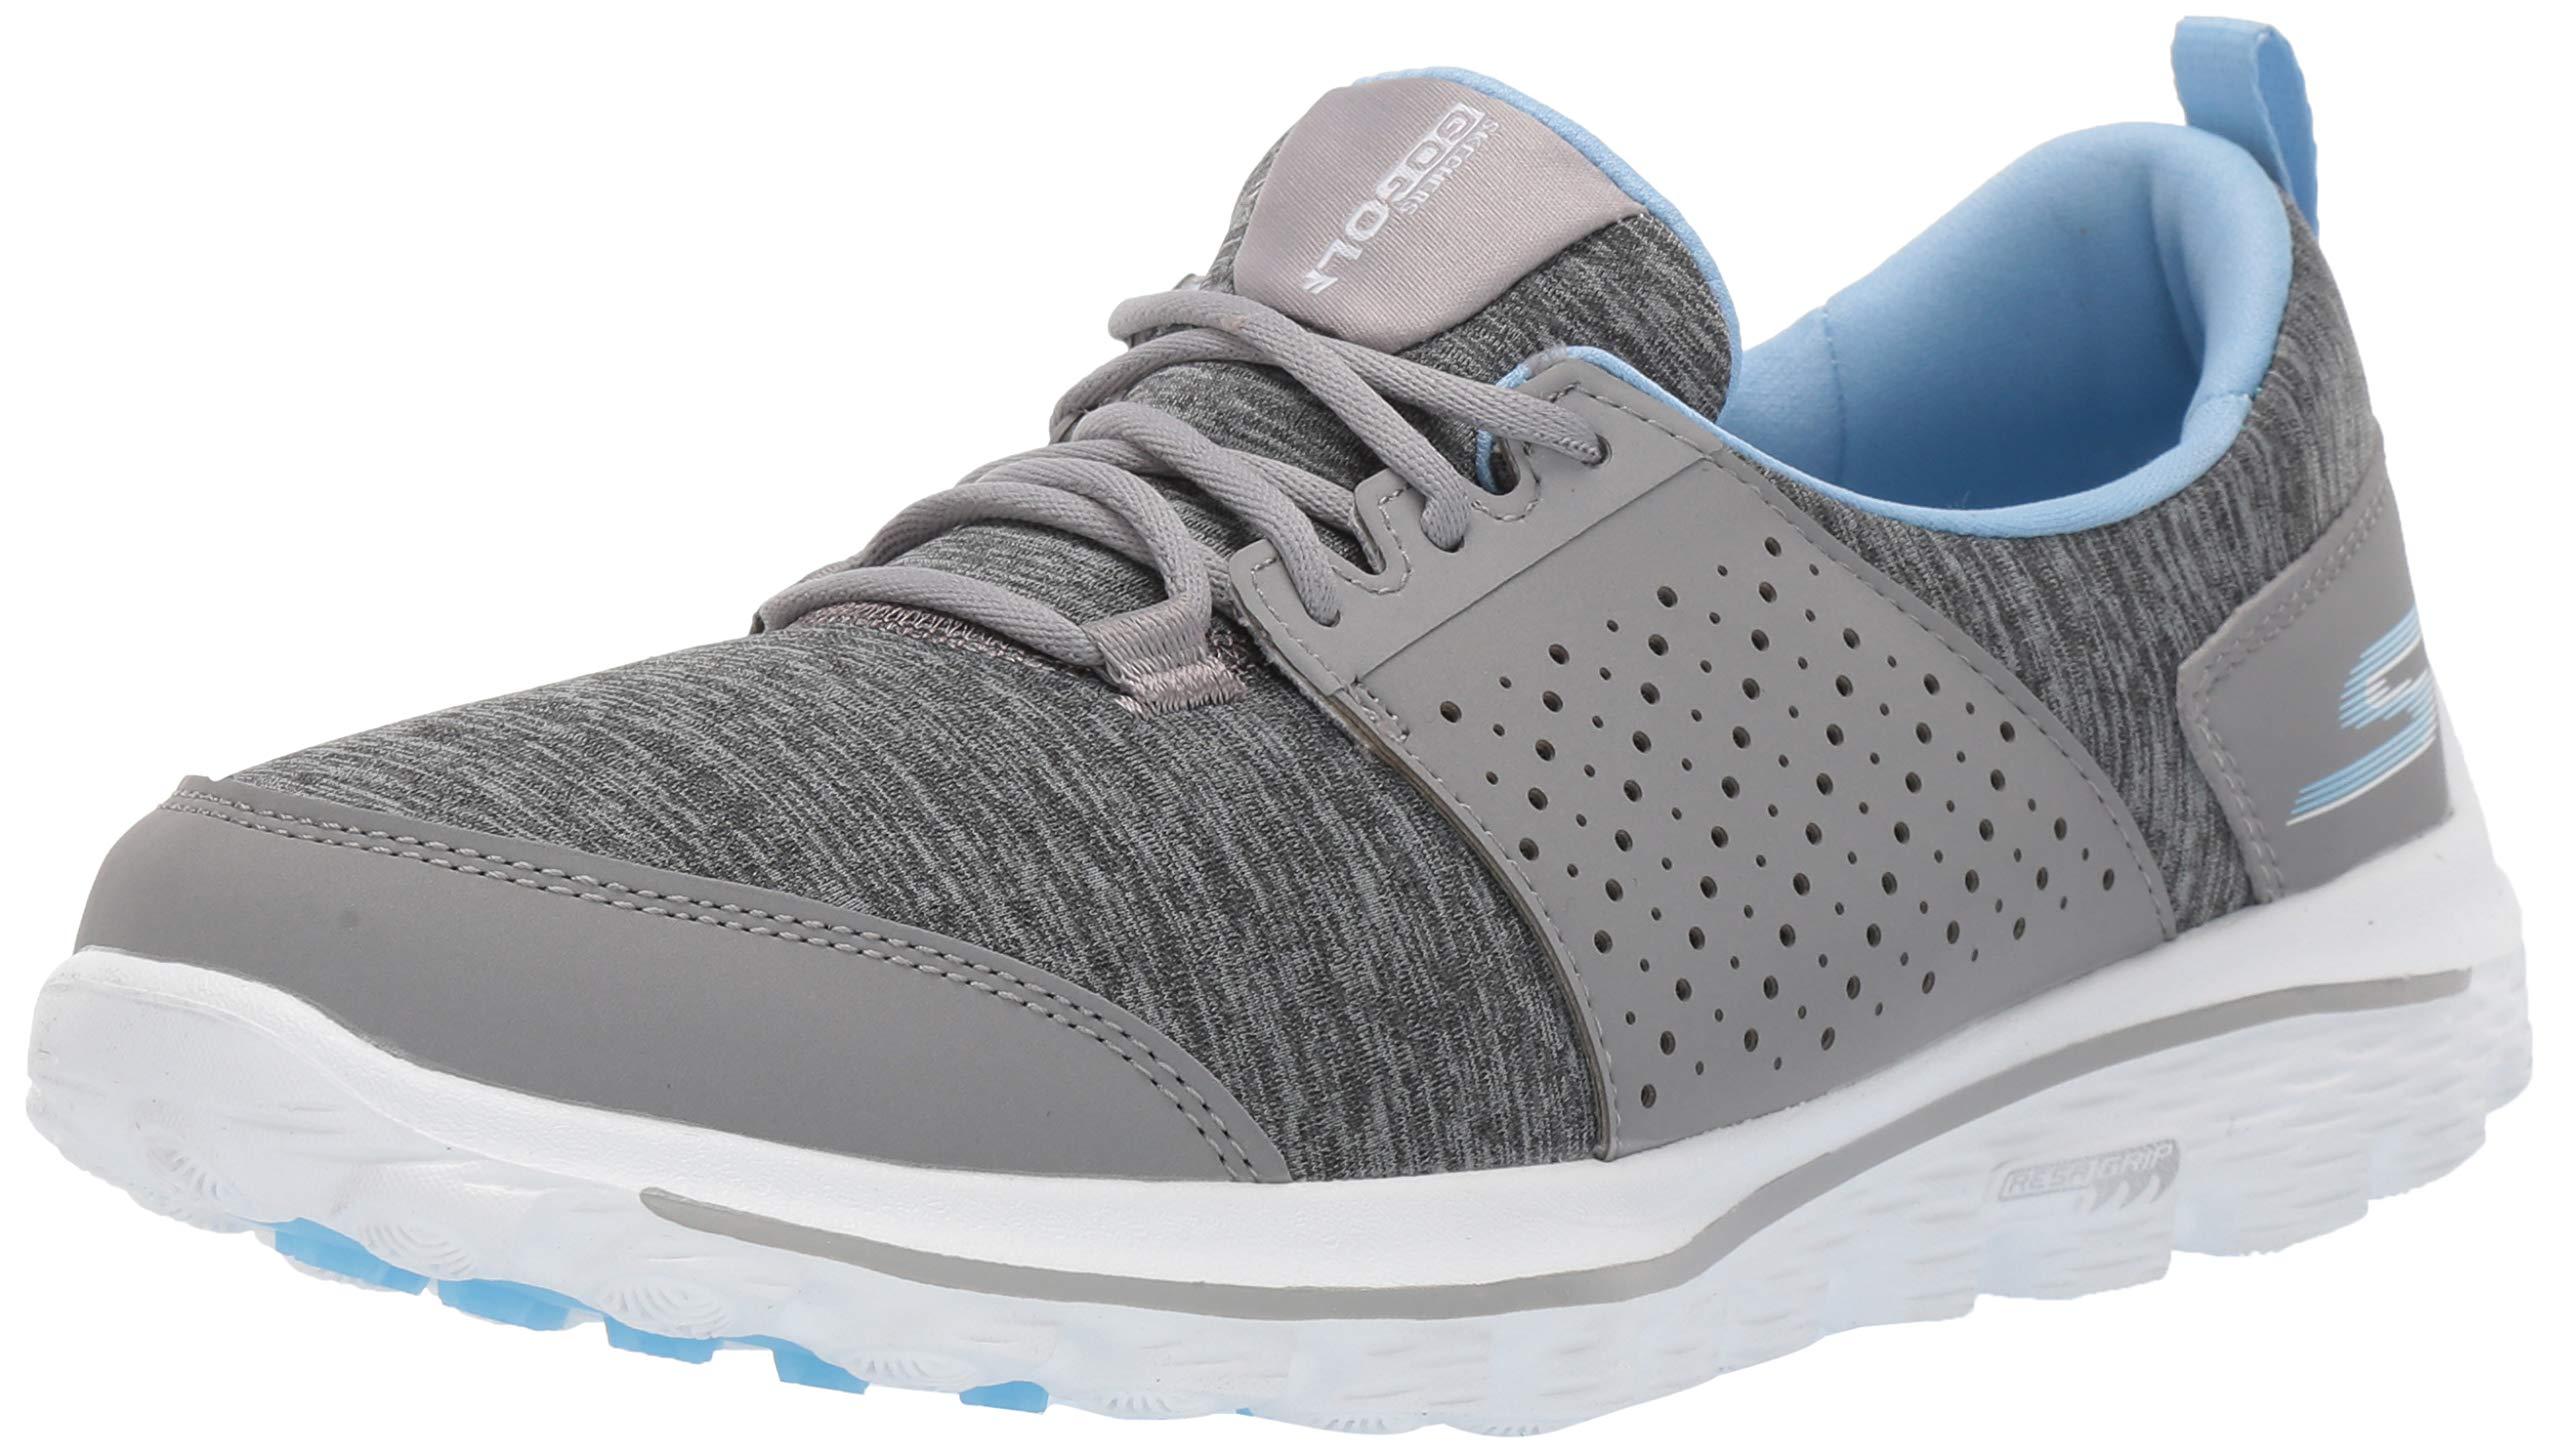 Skechers Women's Go Walk 2 Sugar Relaxed Fit Golf Shoe, Gray/Blue, 5.5 M US by Skechers